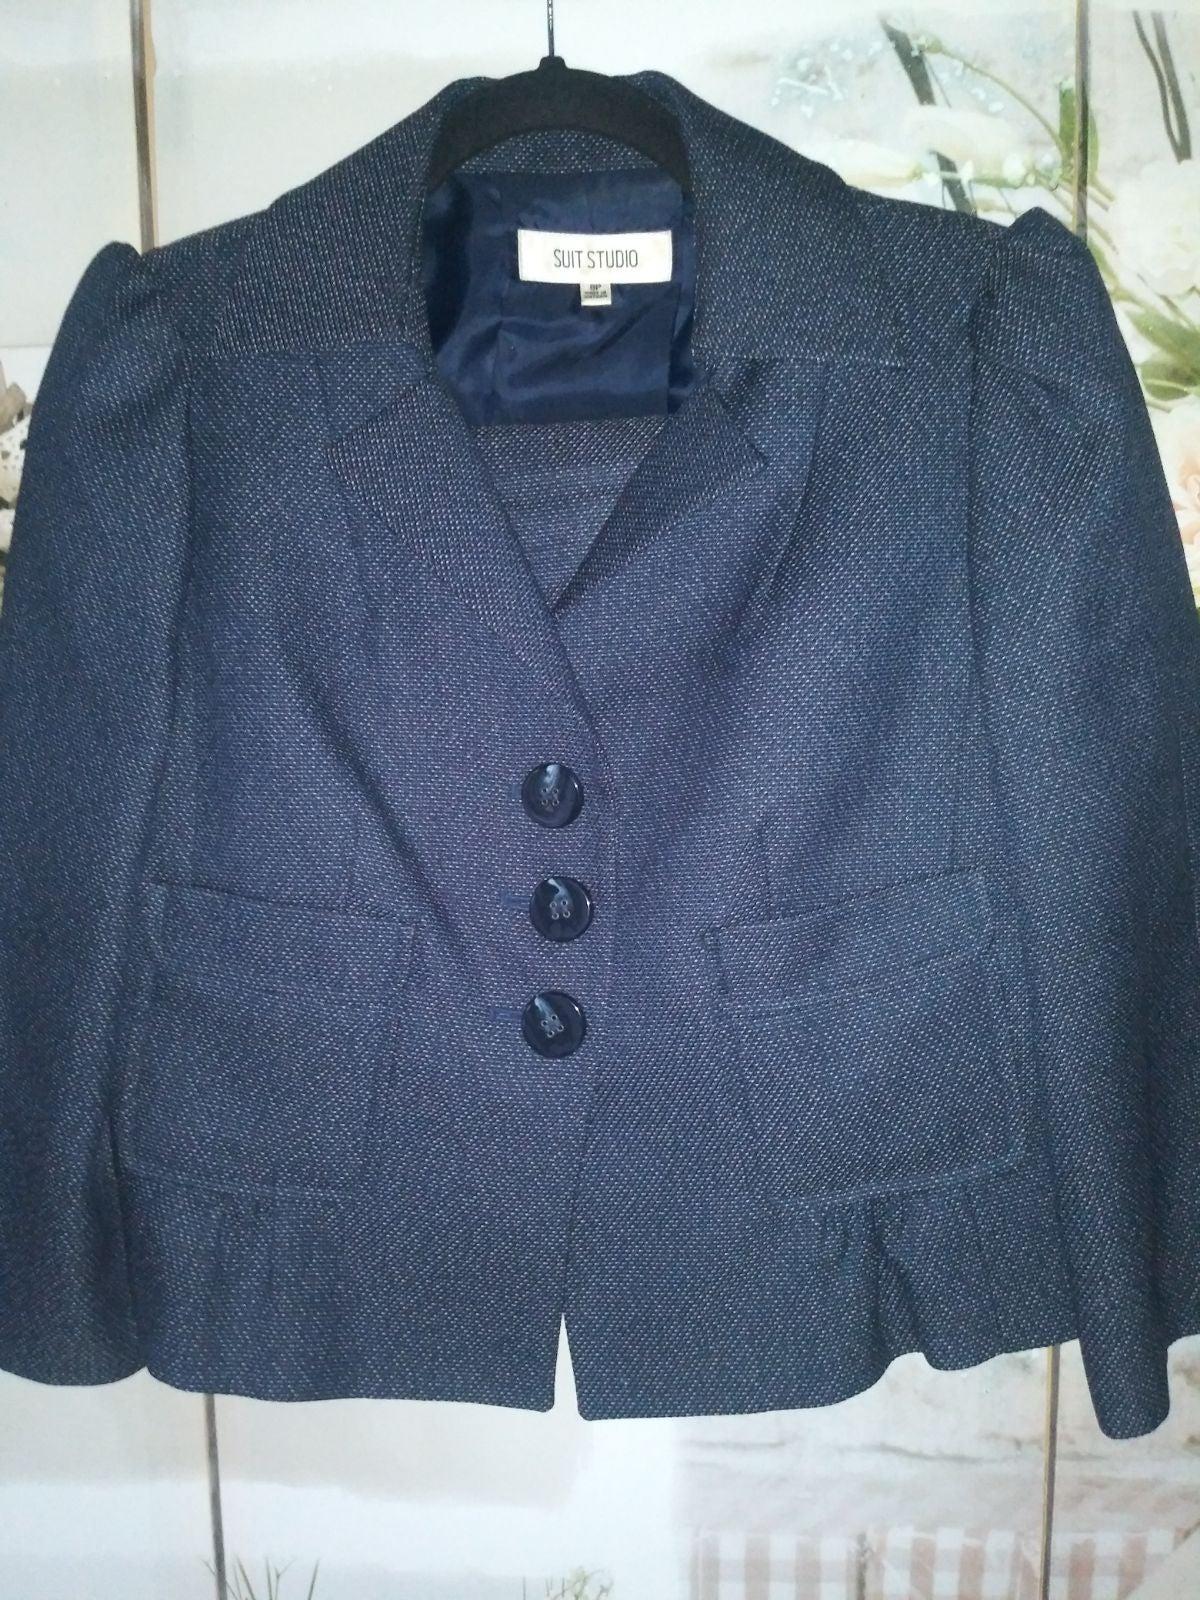 Suit Studio Skirt Suit Sz. 8P